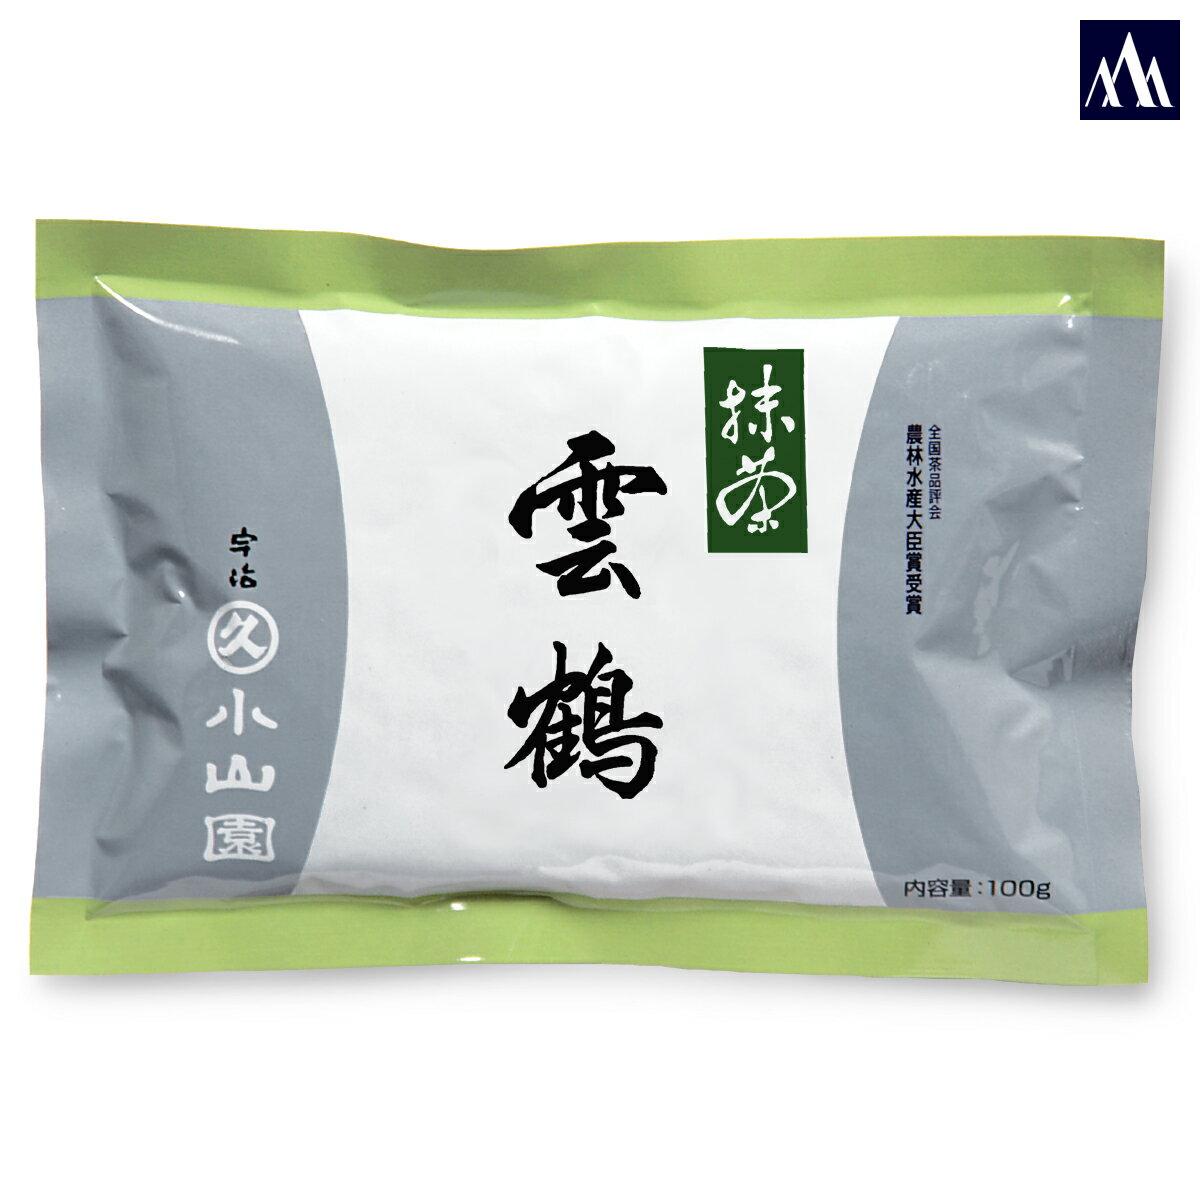 【全国送料無料】抹茶「雲鶴」100g袋入